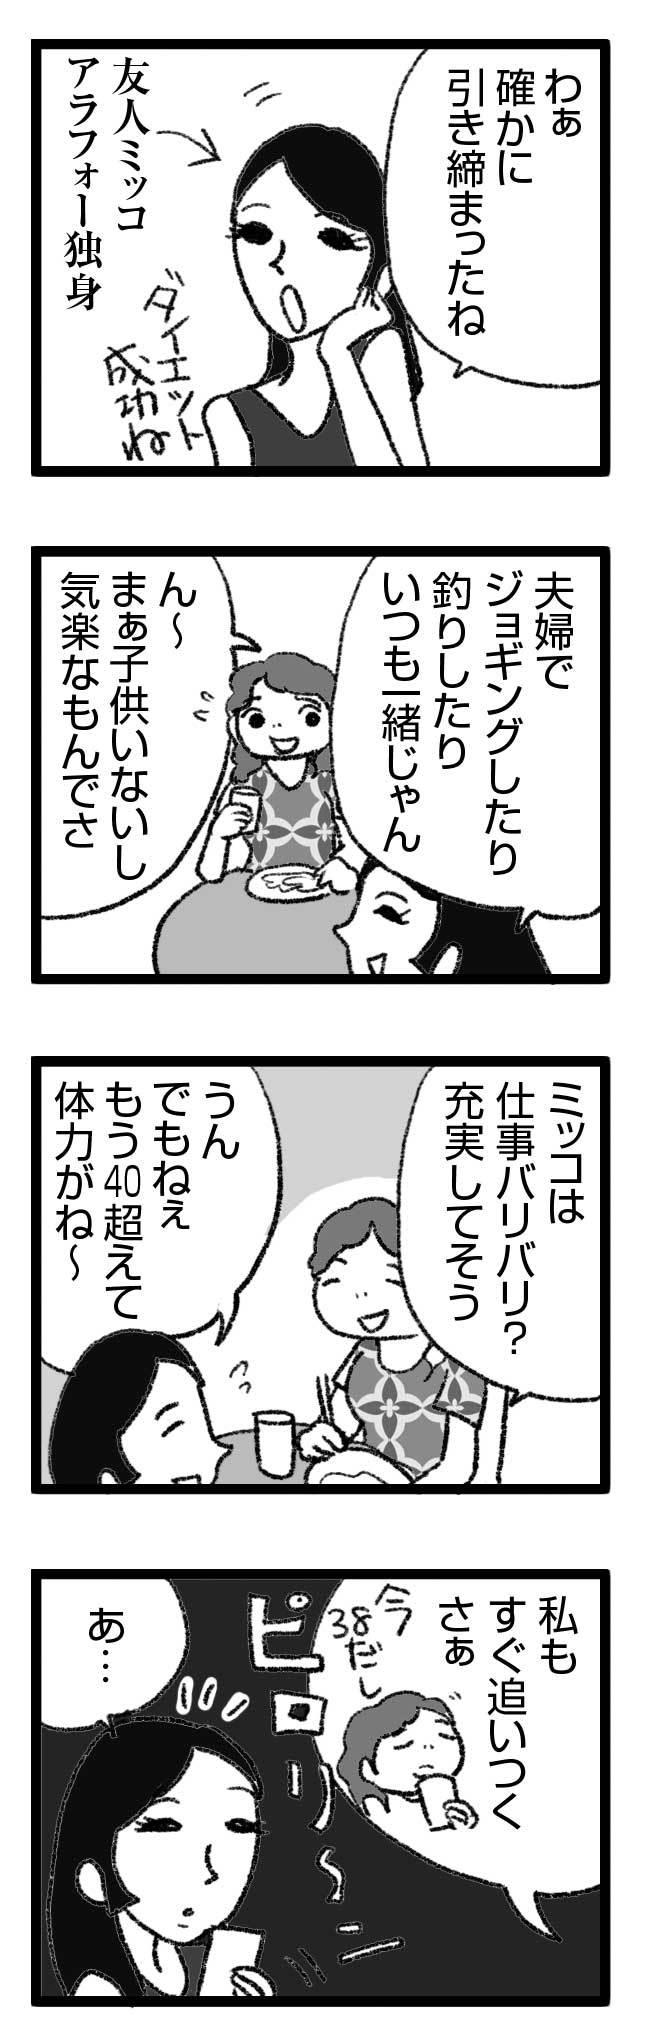 234 不倫と負け婚1 婚活 恋活 不倫 元彼 職場 ふりん まんが 漫画 マンガ